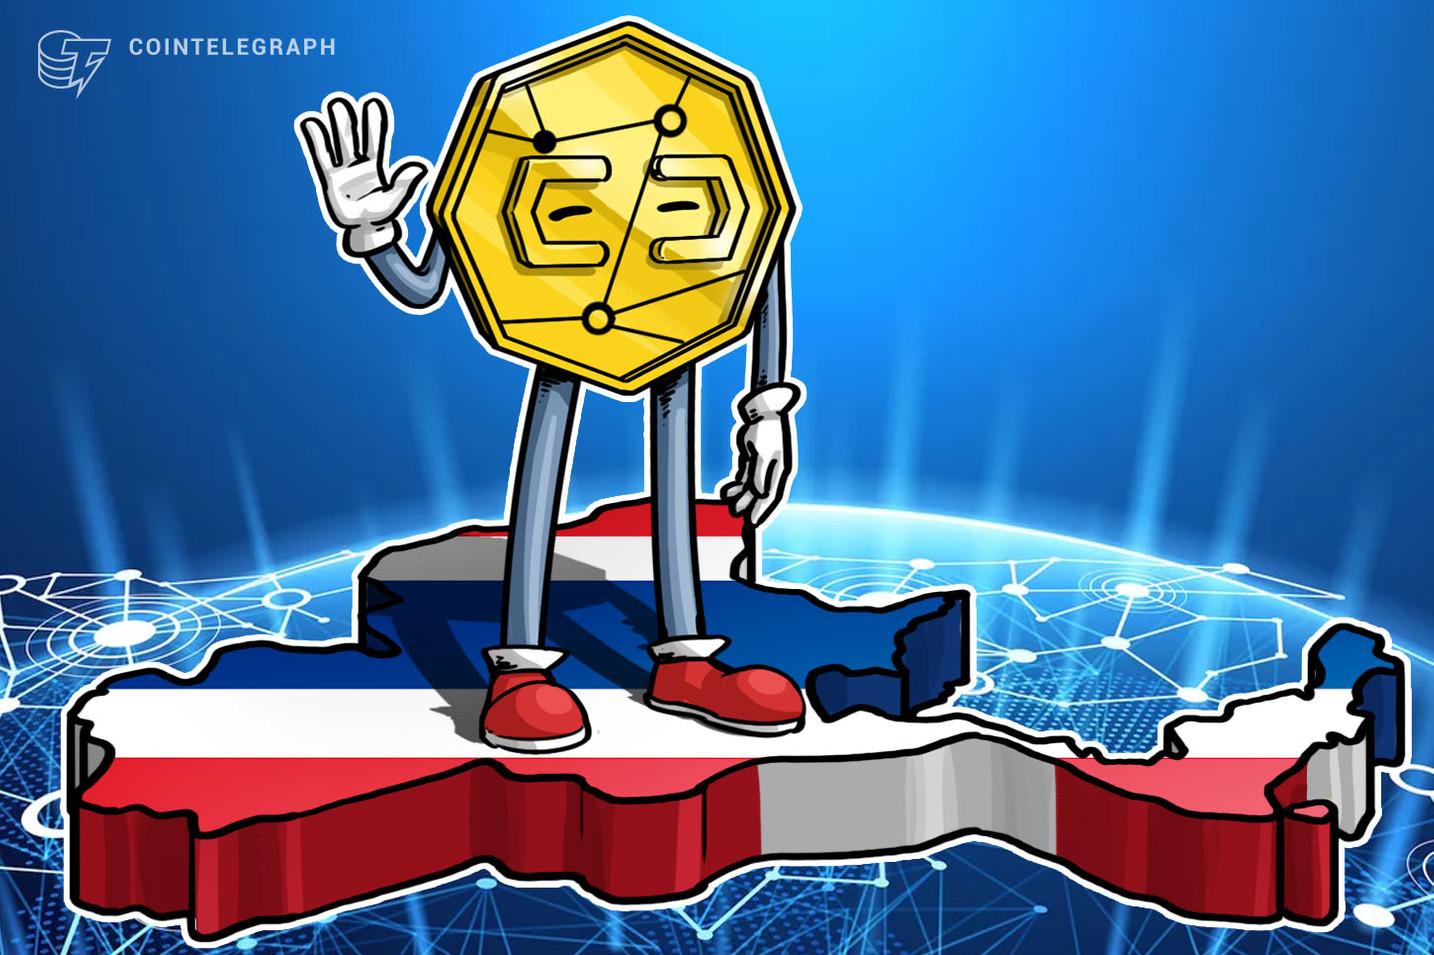 タイのSEC、違法なSTOについて言及 仮想通貨使った新たな資金調達方法の規制に不透明感